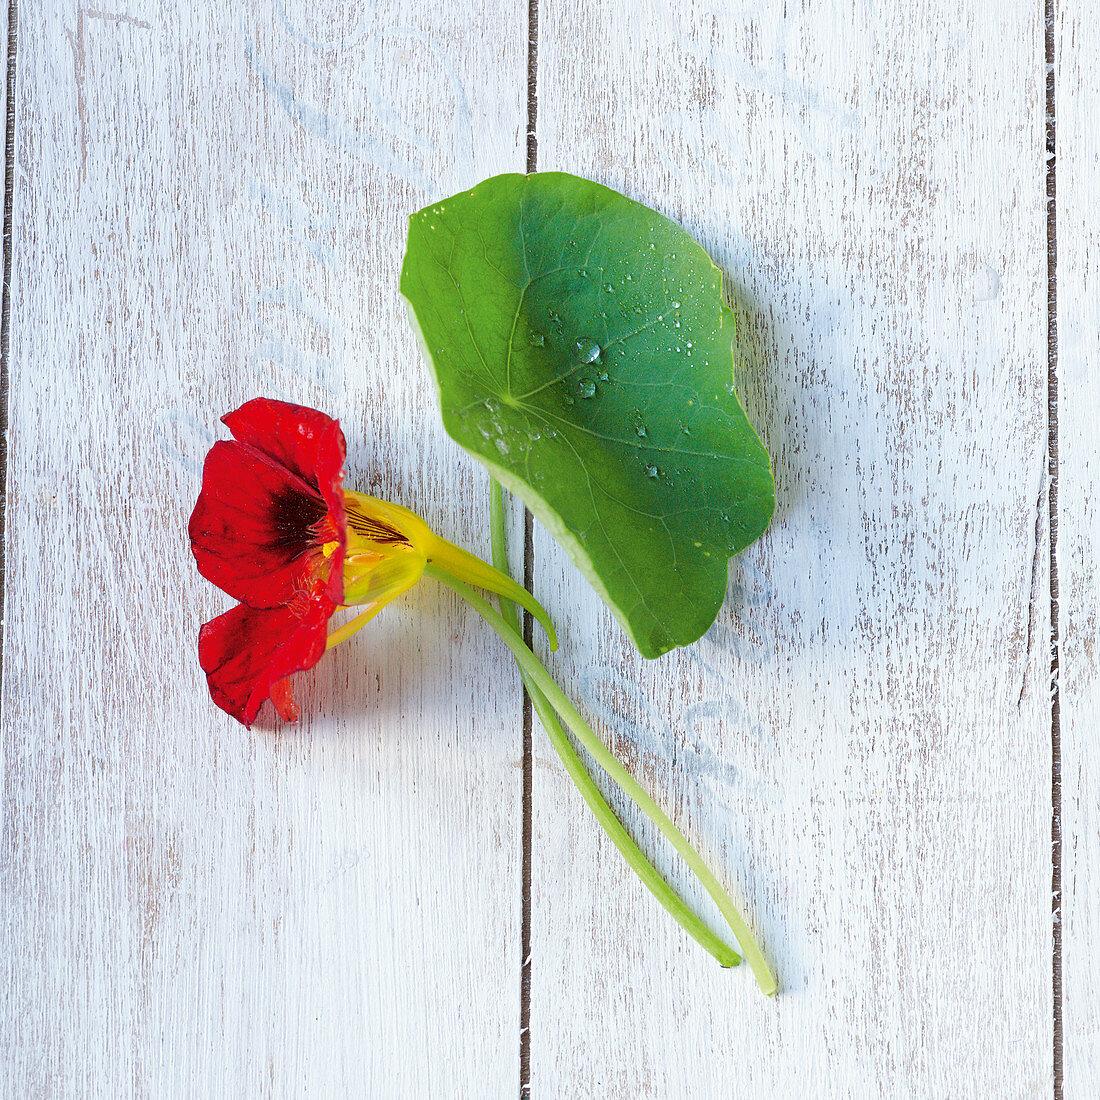 Kapuzinerkresse mit Blüten